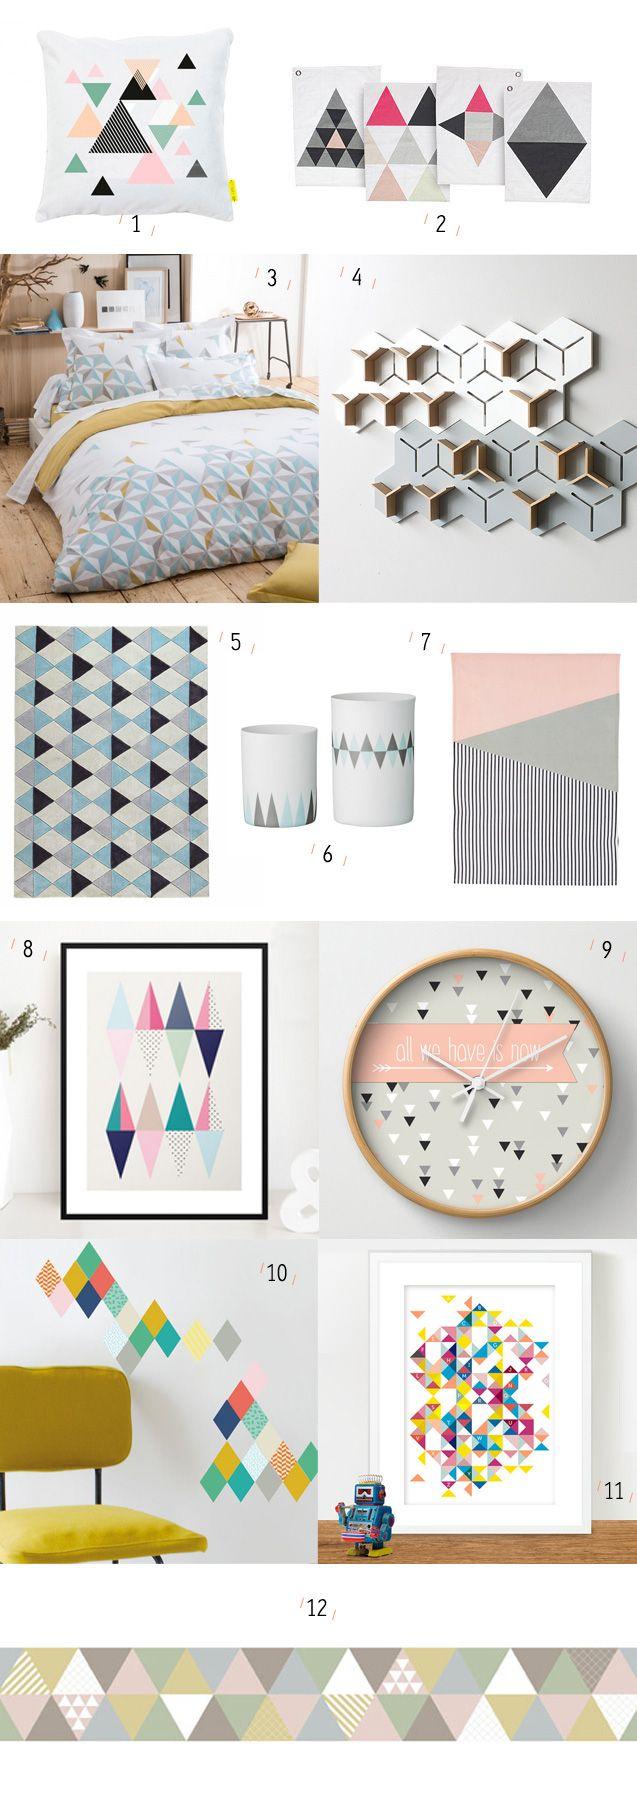 Déclinaisons de triangle dans toutes ses formes en décoration - Inspiration scandinave et vintage, motifs géométriques, dans toutes les pièces de la maison.